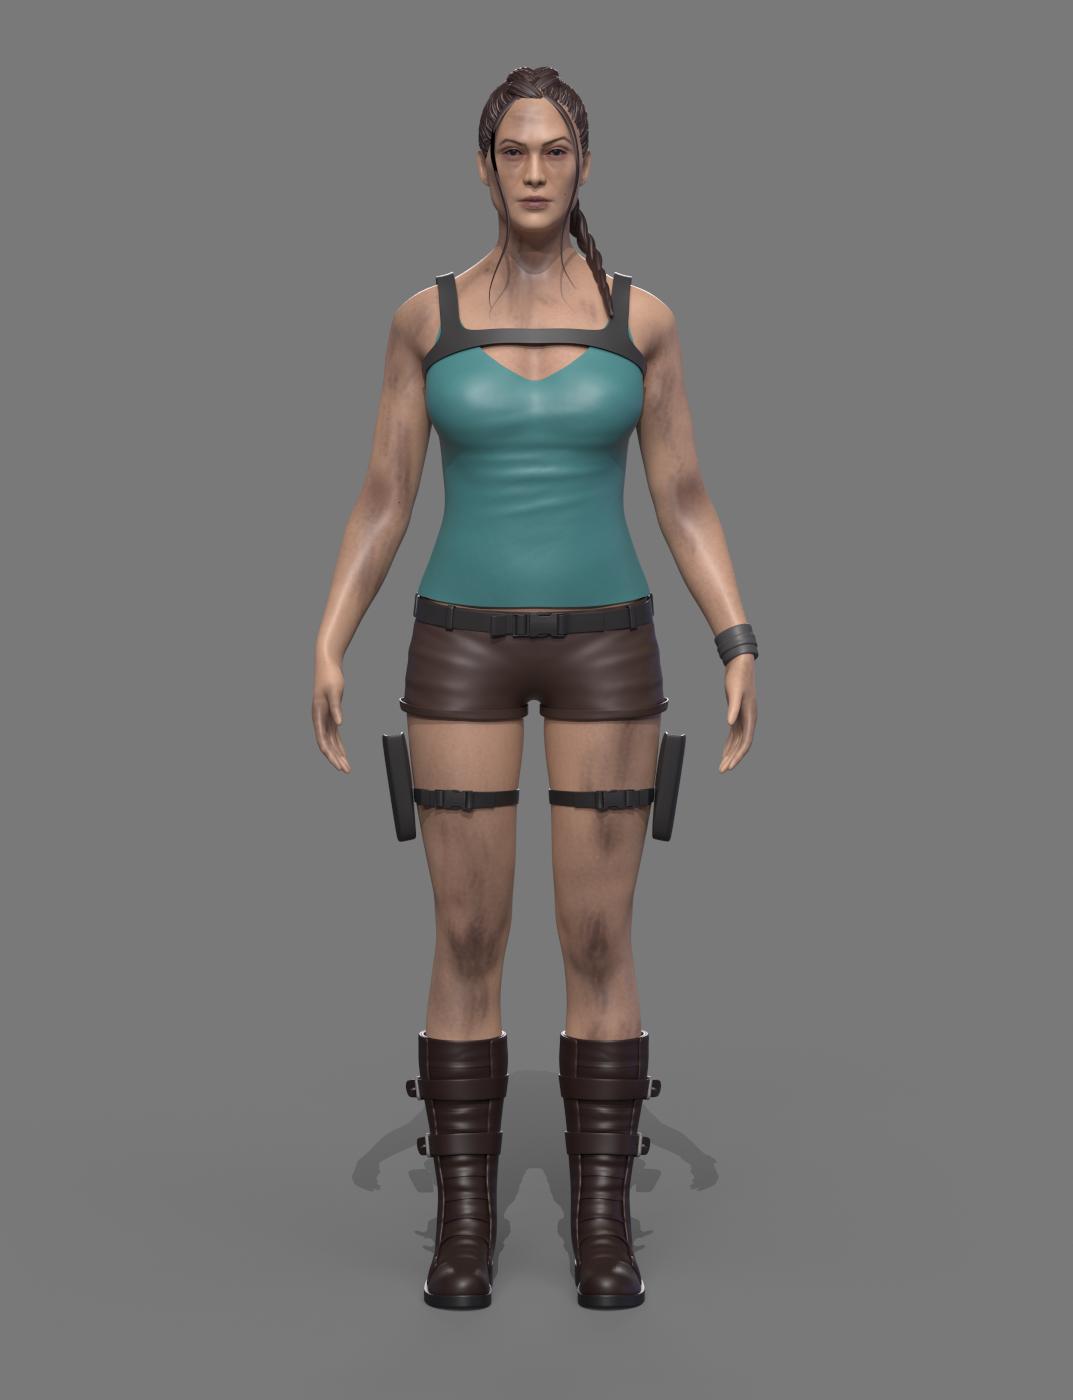 Η Lara Croft σήμερα, credits: Comparethemarket